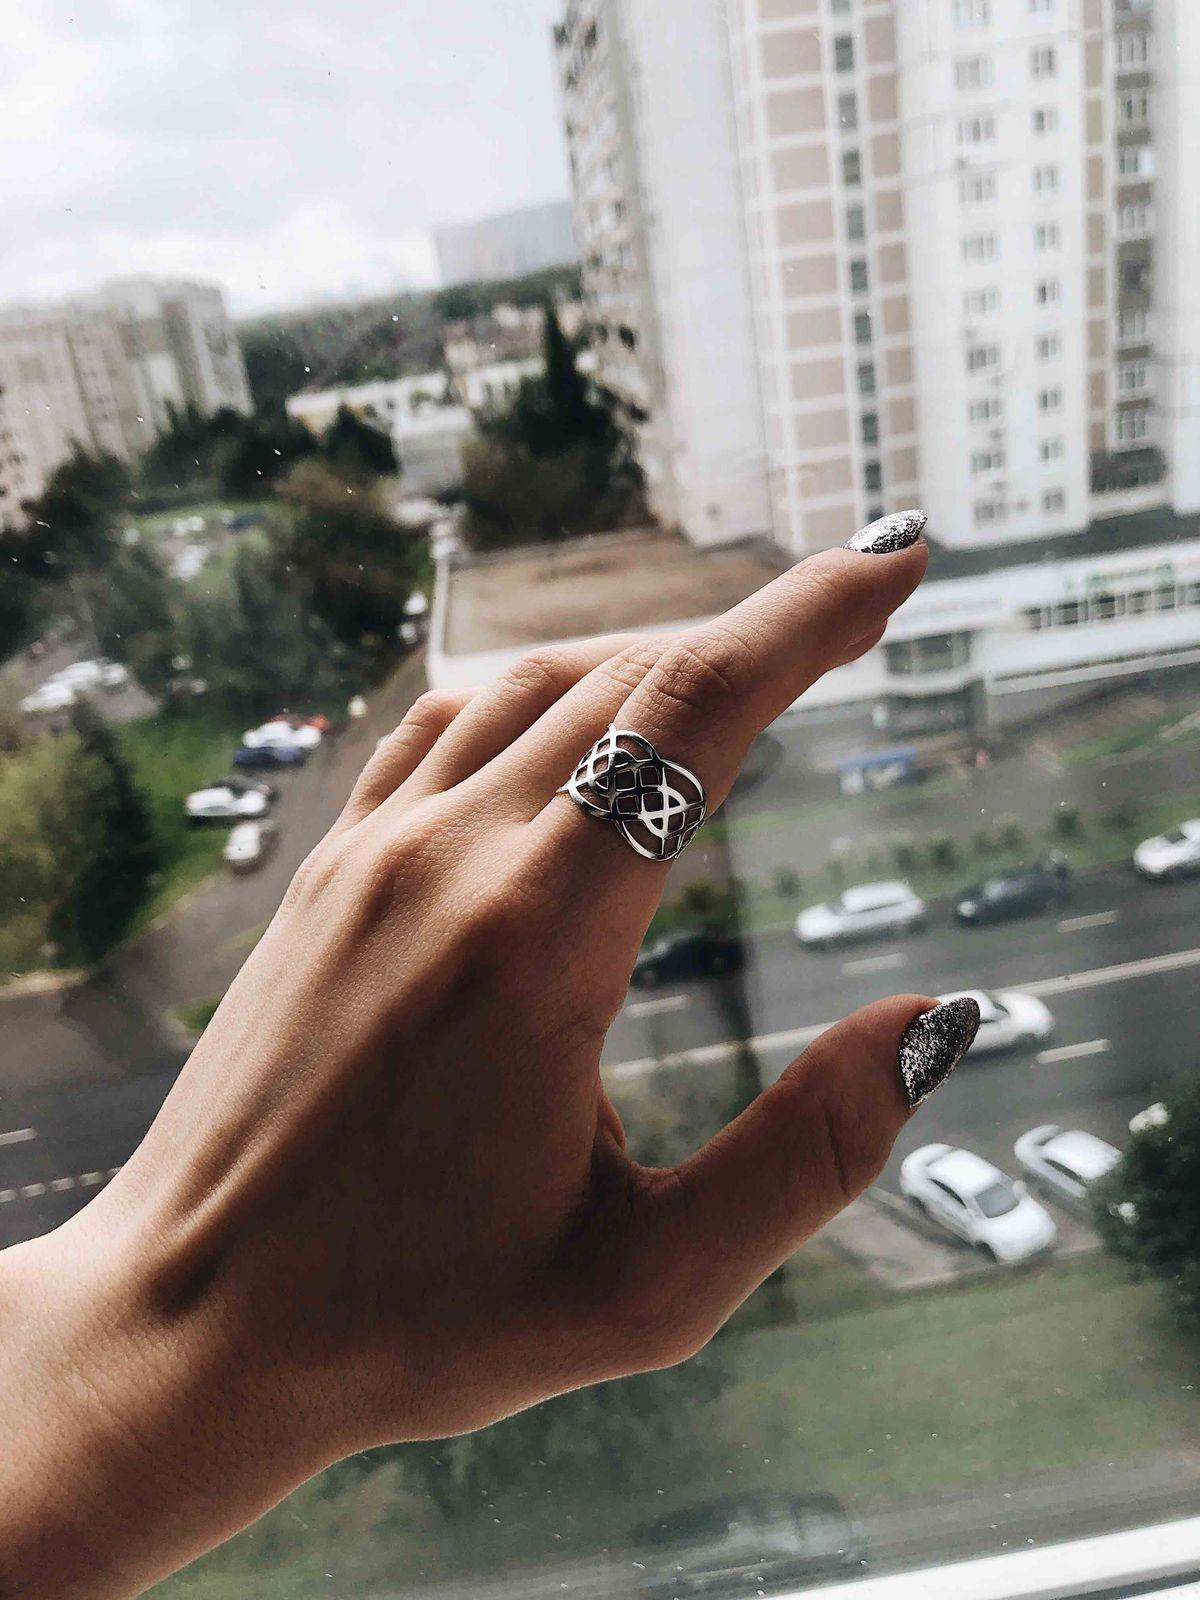 Потрясающее. серебряное кольцо!